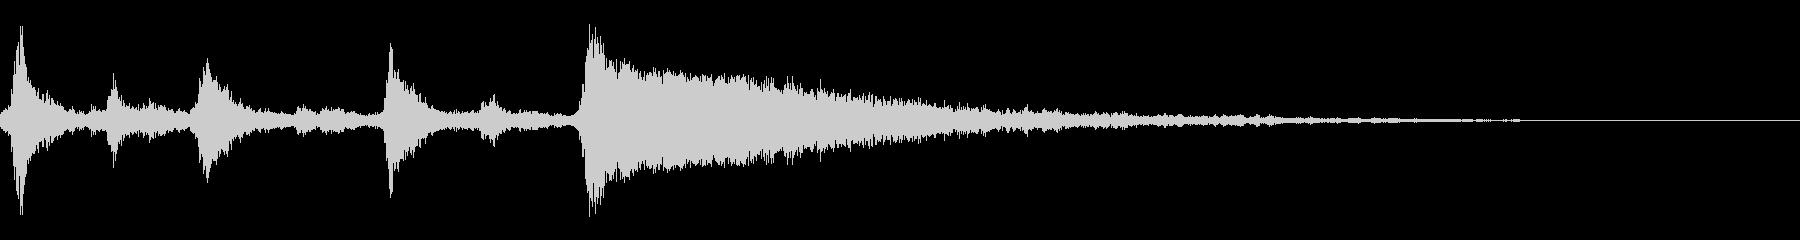 クリスマスのベル、鈴の効果音 ロゴ07の未再生の波形